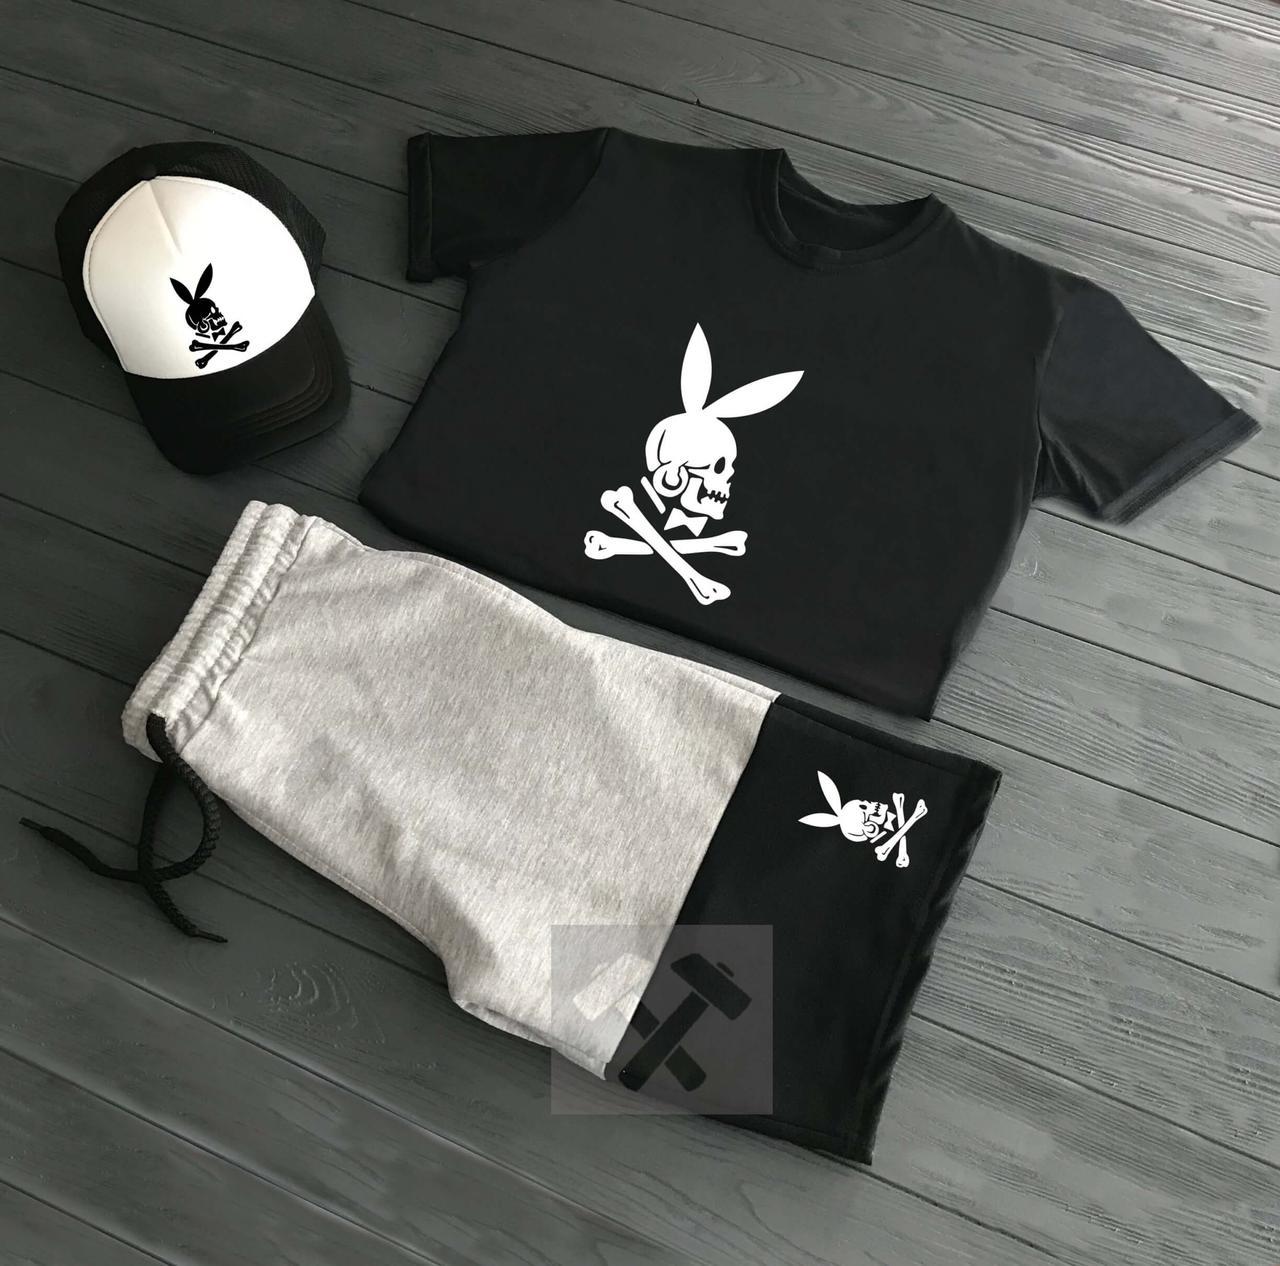 4e26e20d36a1 Летний спортивный костюм Заяц-Череп футболка+шорты+кепка купить в ...